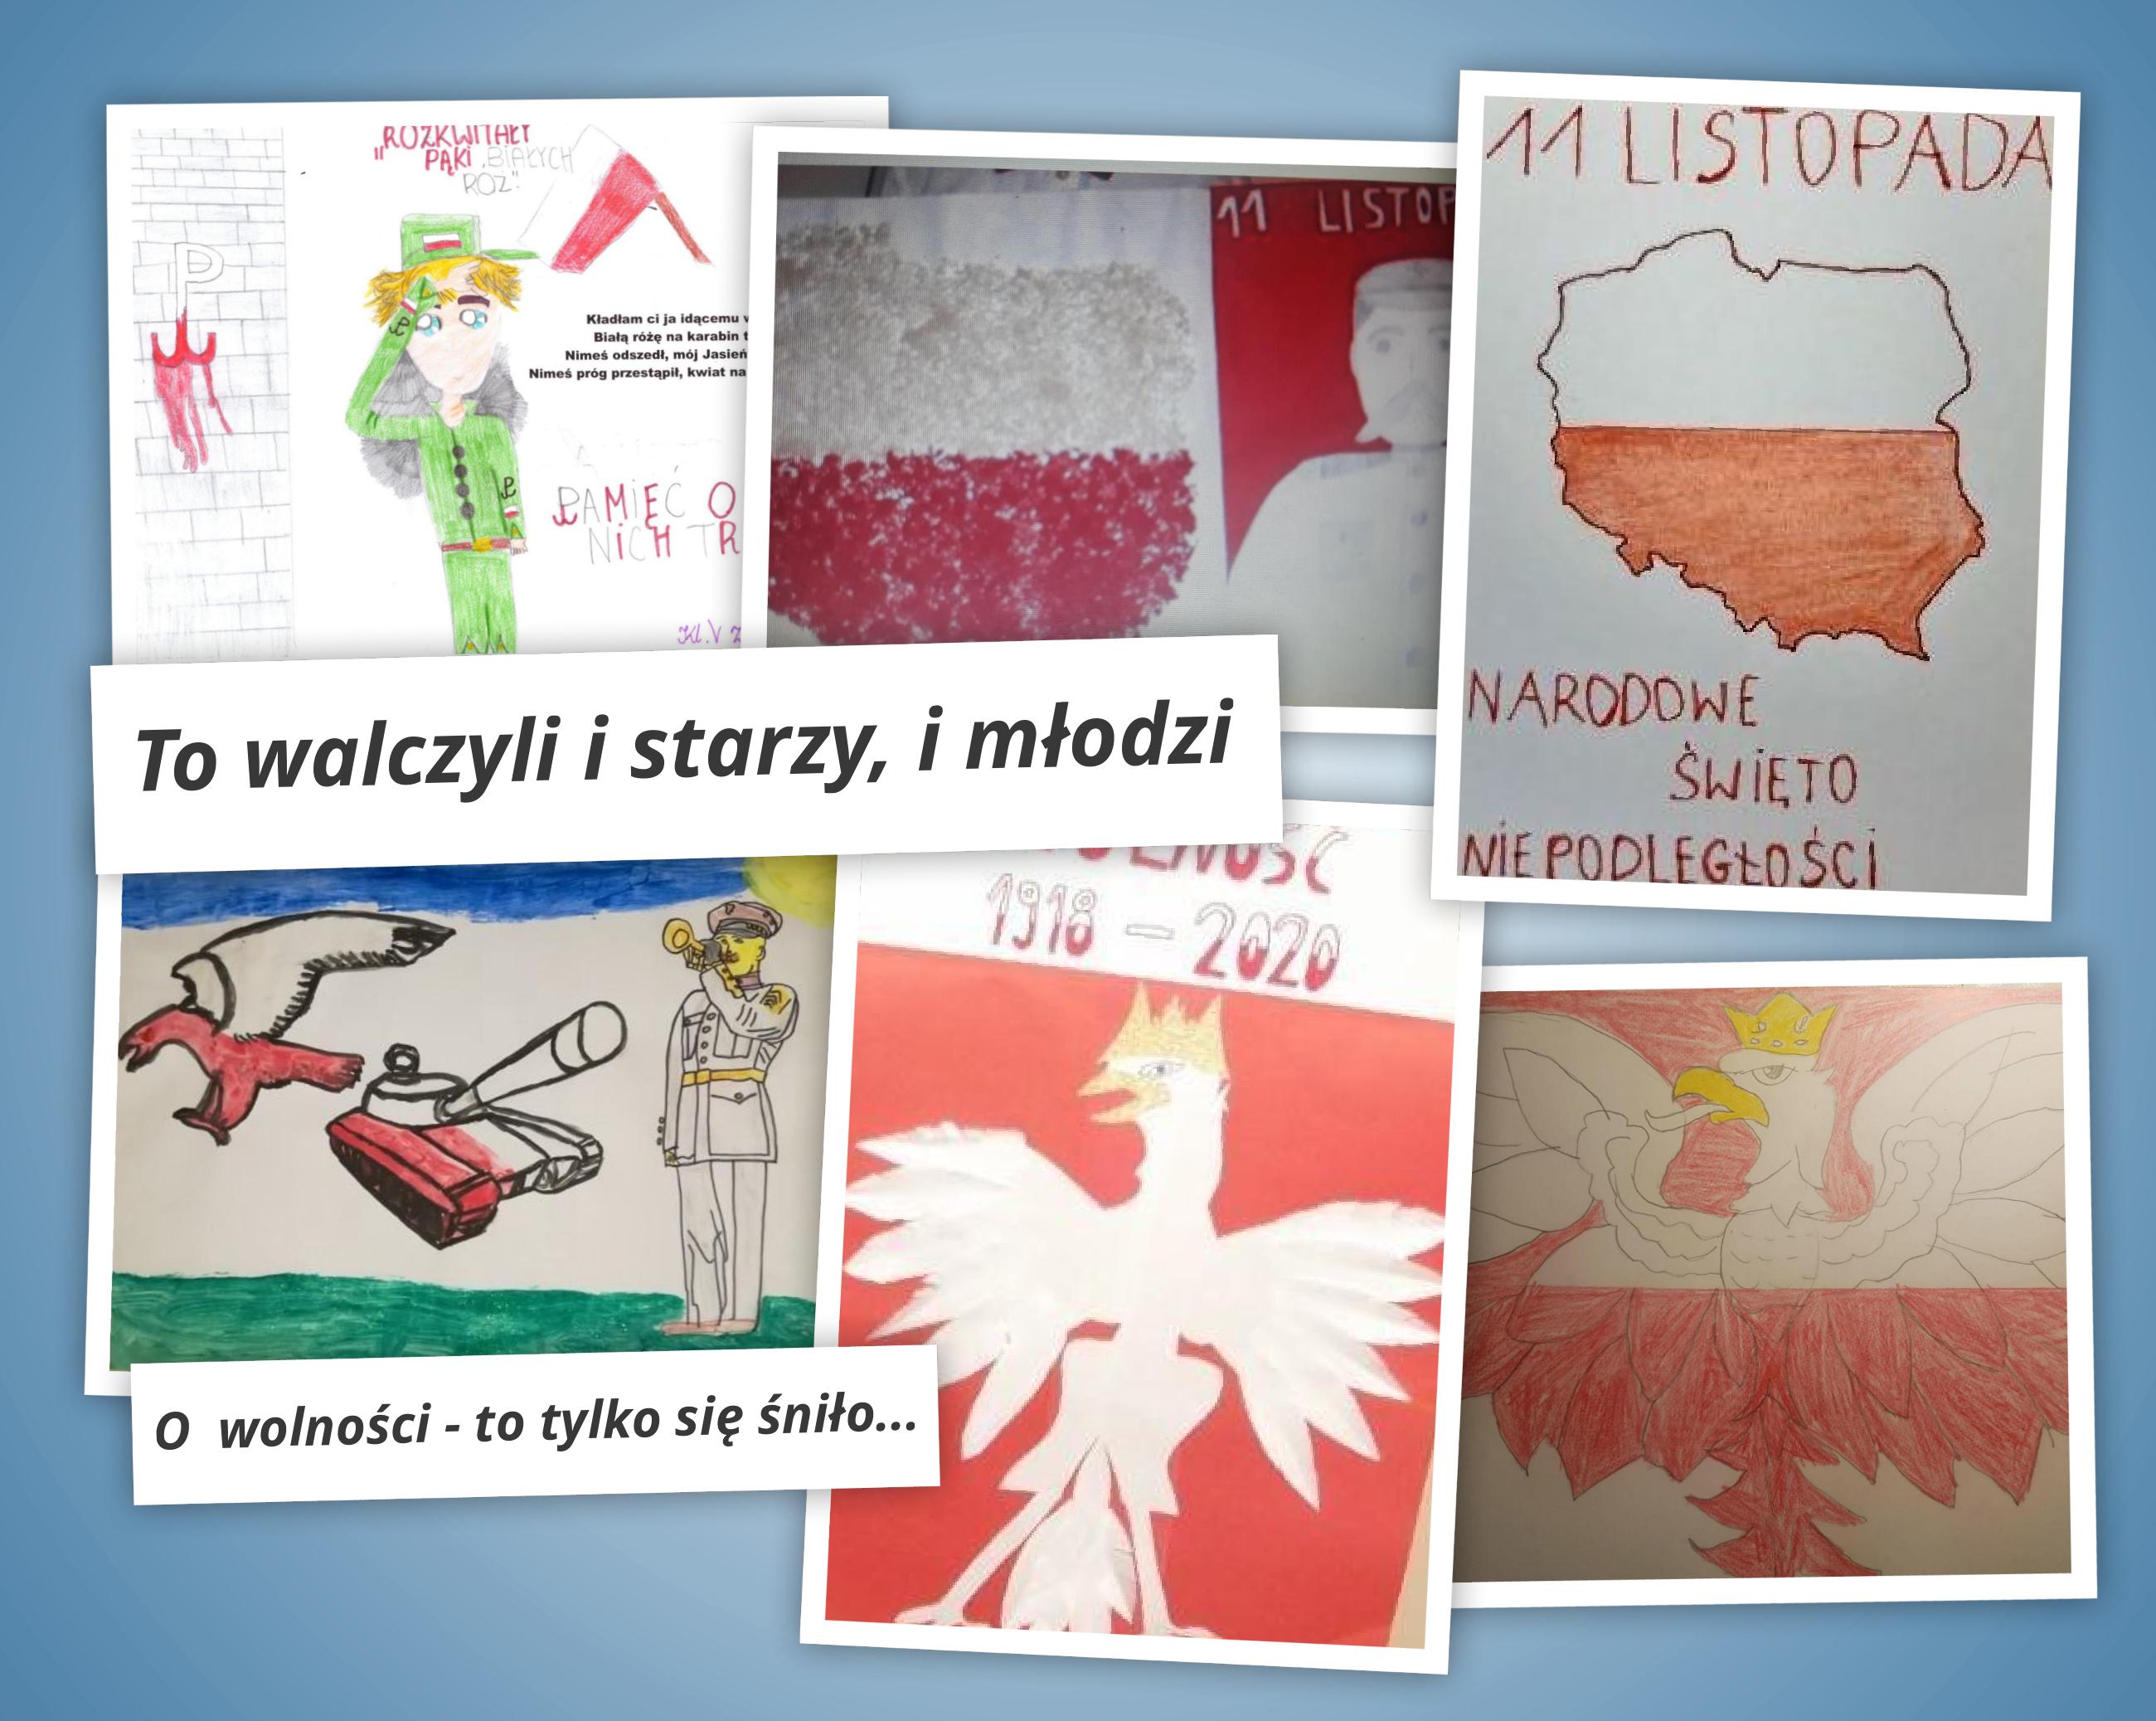 4. Polska.jpg (2.48 MB)